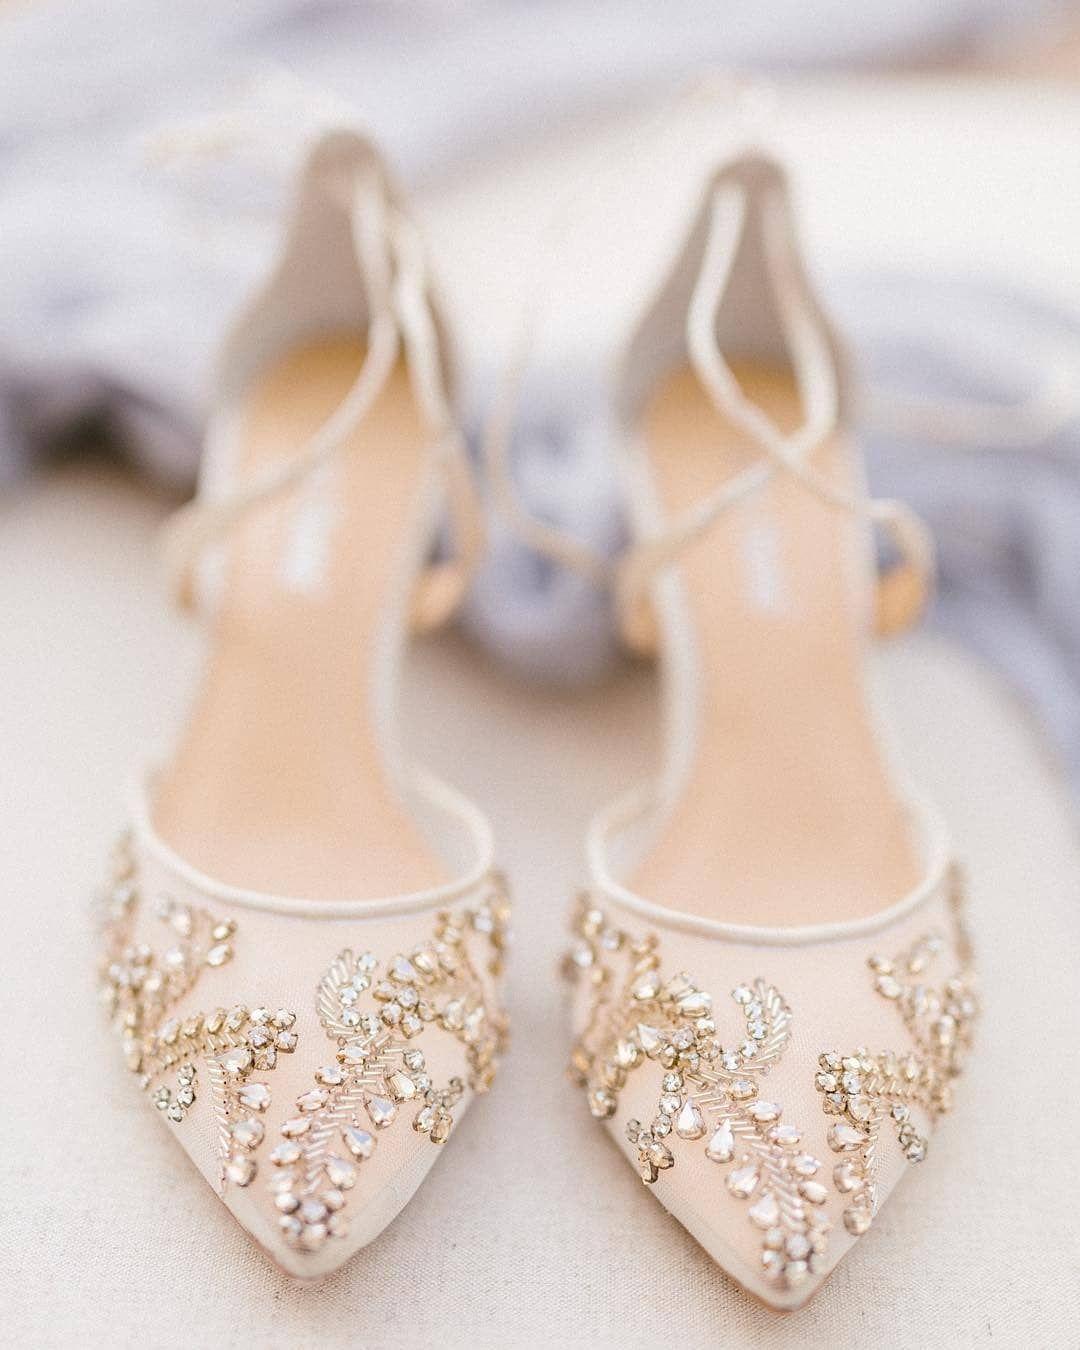 Buty Slubne Koniecznie Kryte Czy Sandalki Jakie Jest Wasze Zdanie Bellabelleshoes Wedd Wedding Shoes Heels Wedding Shoe Trend Bridal Shoes Low Heel